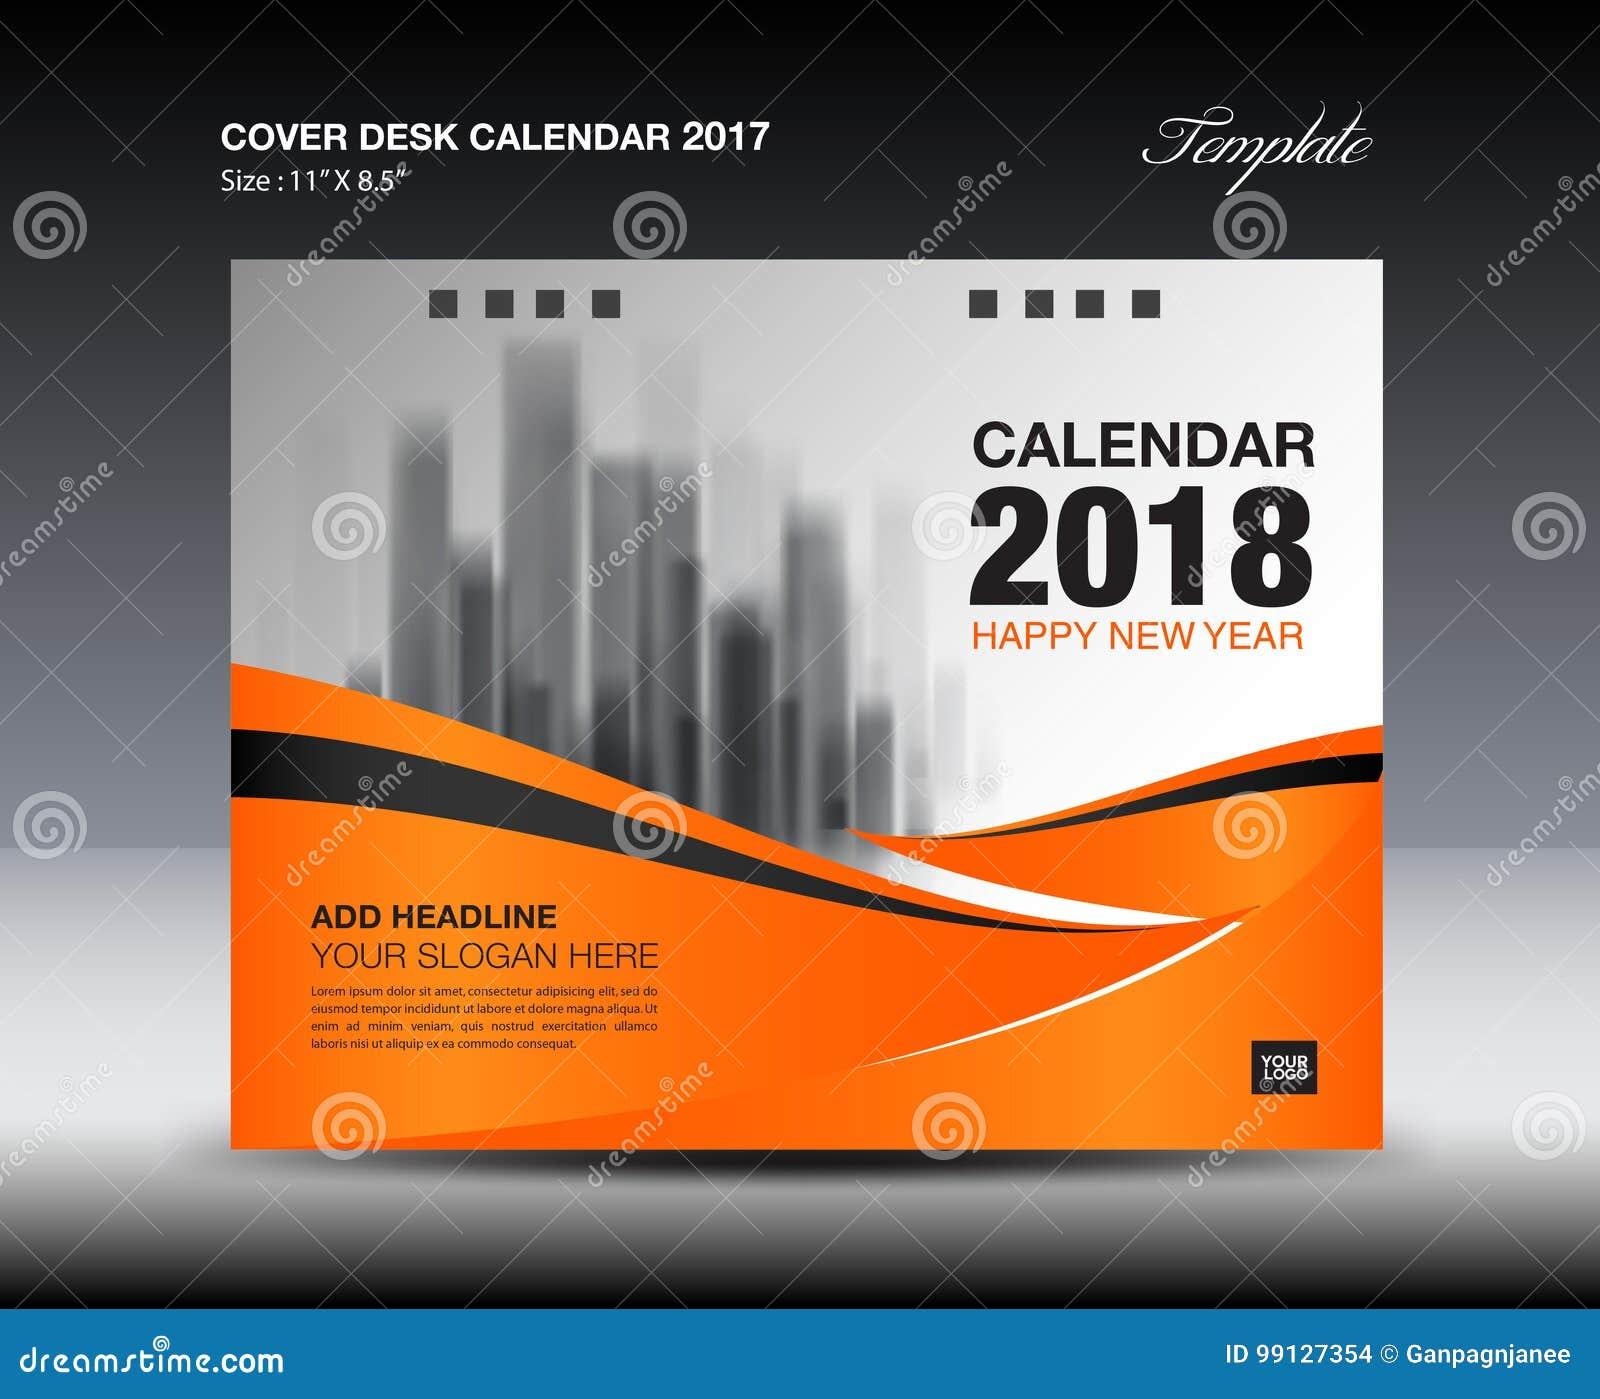 Πορτοκαλί ημερολογιακό 2018 σχέδιο γραφείων κάλυψης, πρότυπο ιπτάμενων, αγγελίες